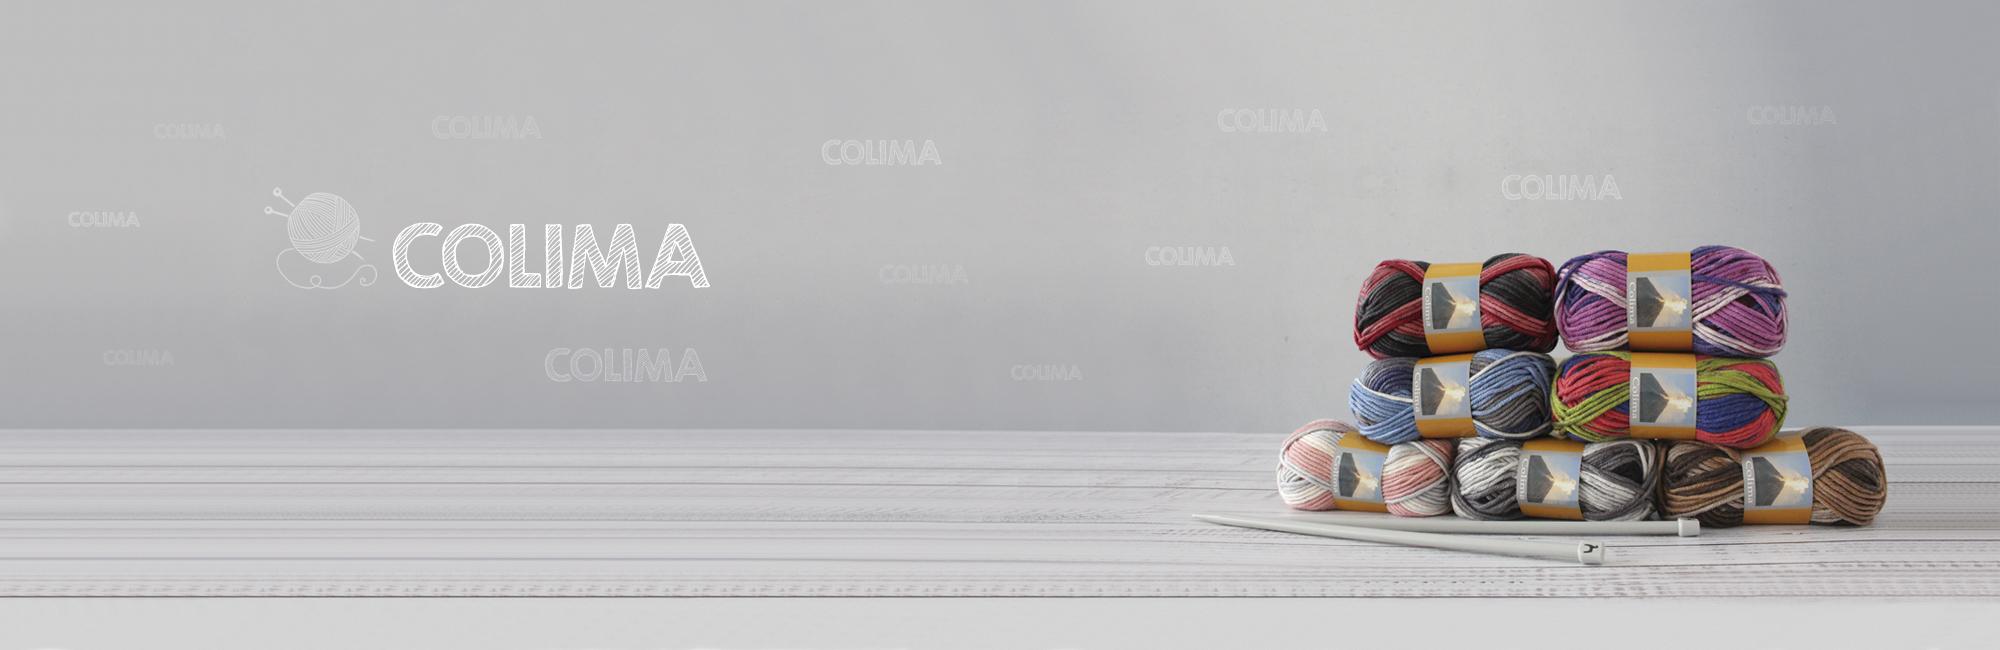 colima_2000x650px1